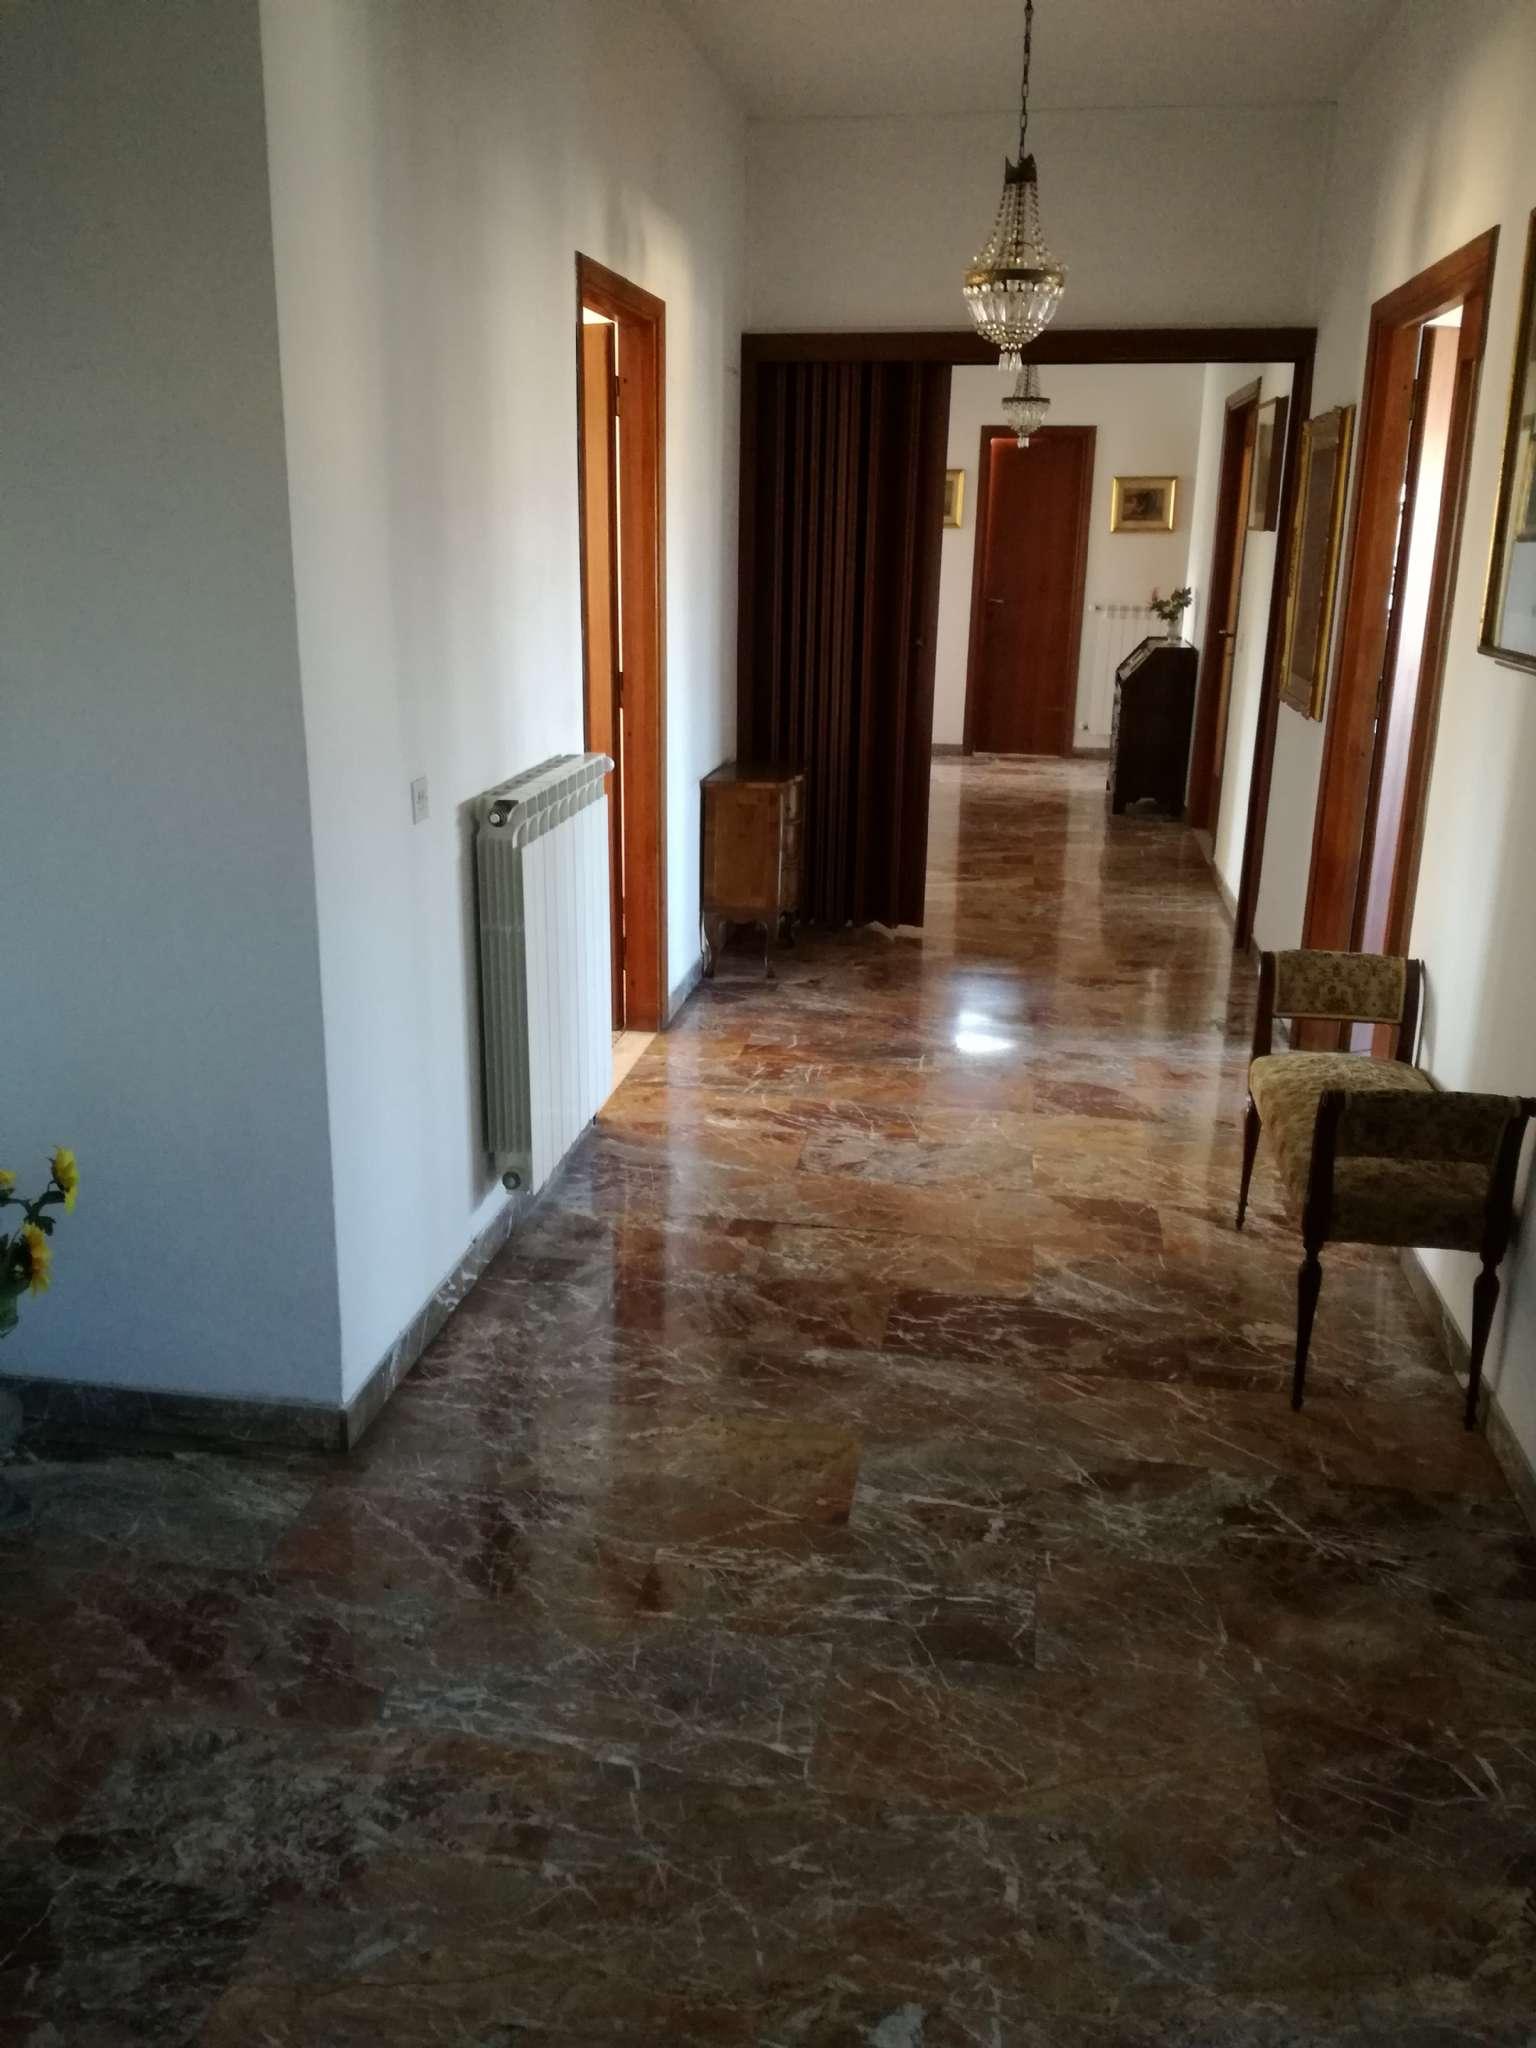 Appartamento in vendita a Livorno, 5 locali, prezzo € 350.000 | CambioCasa.it